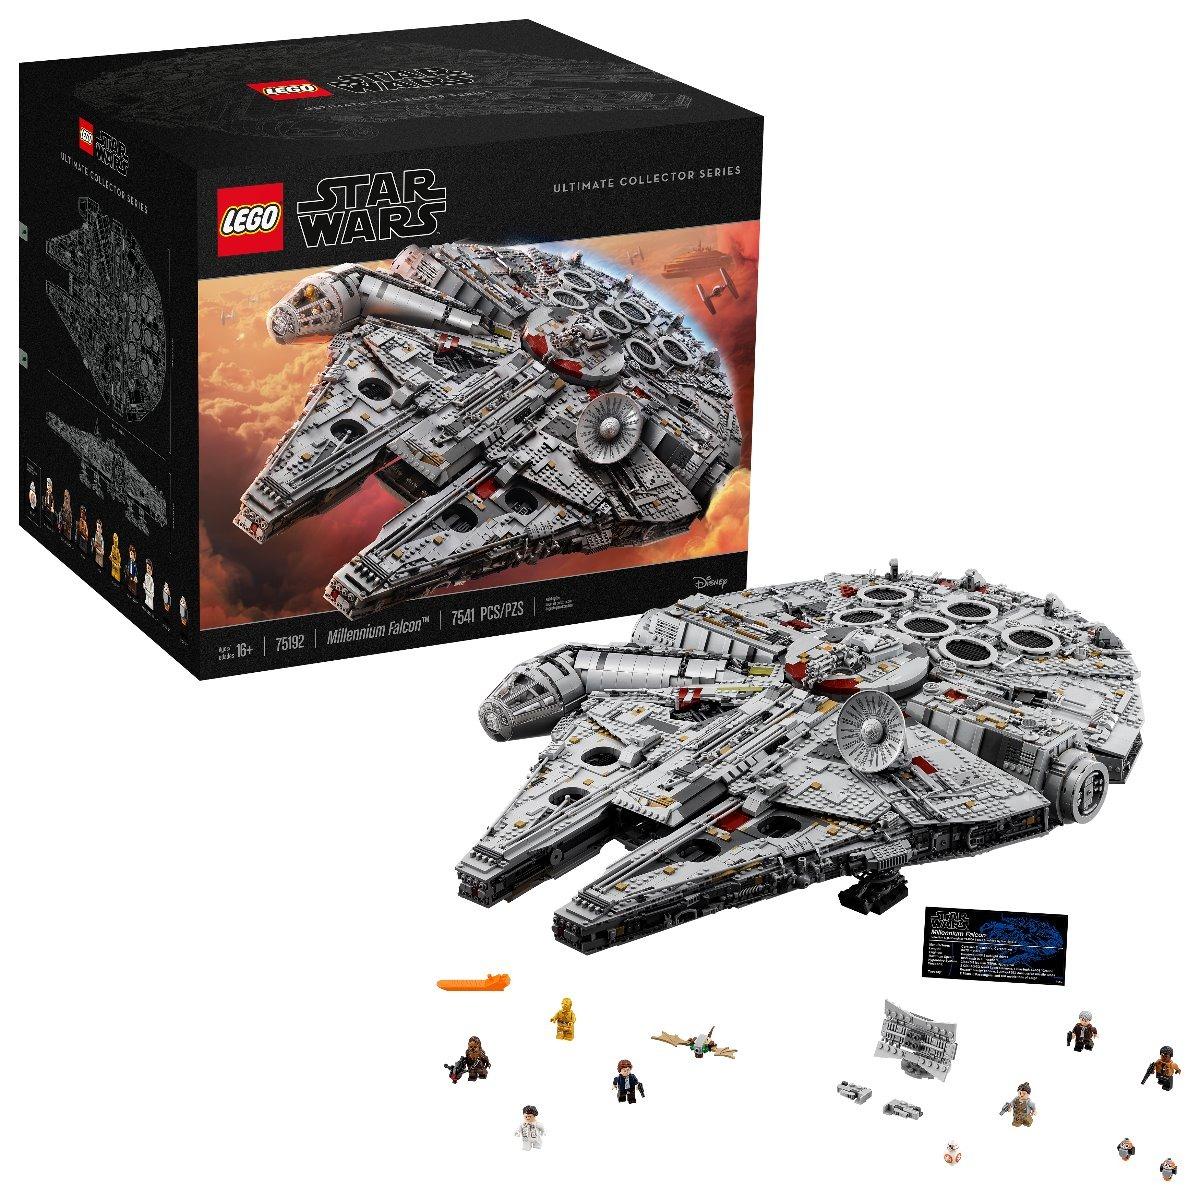 Lego Halcon Milenario Coleccionable 7541 Piezas - $ 23,200.00 en ...